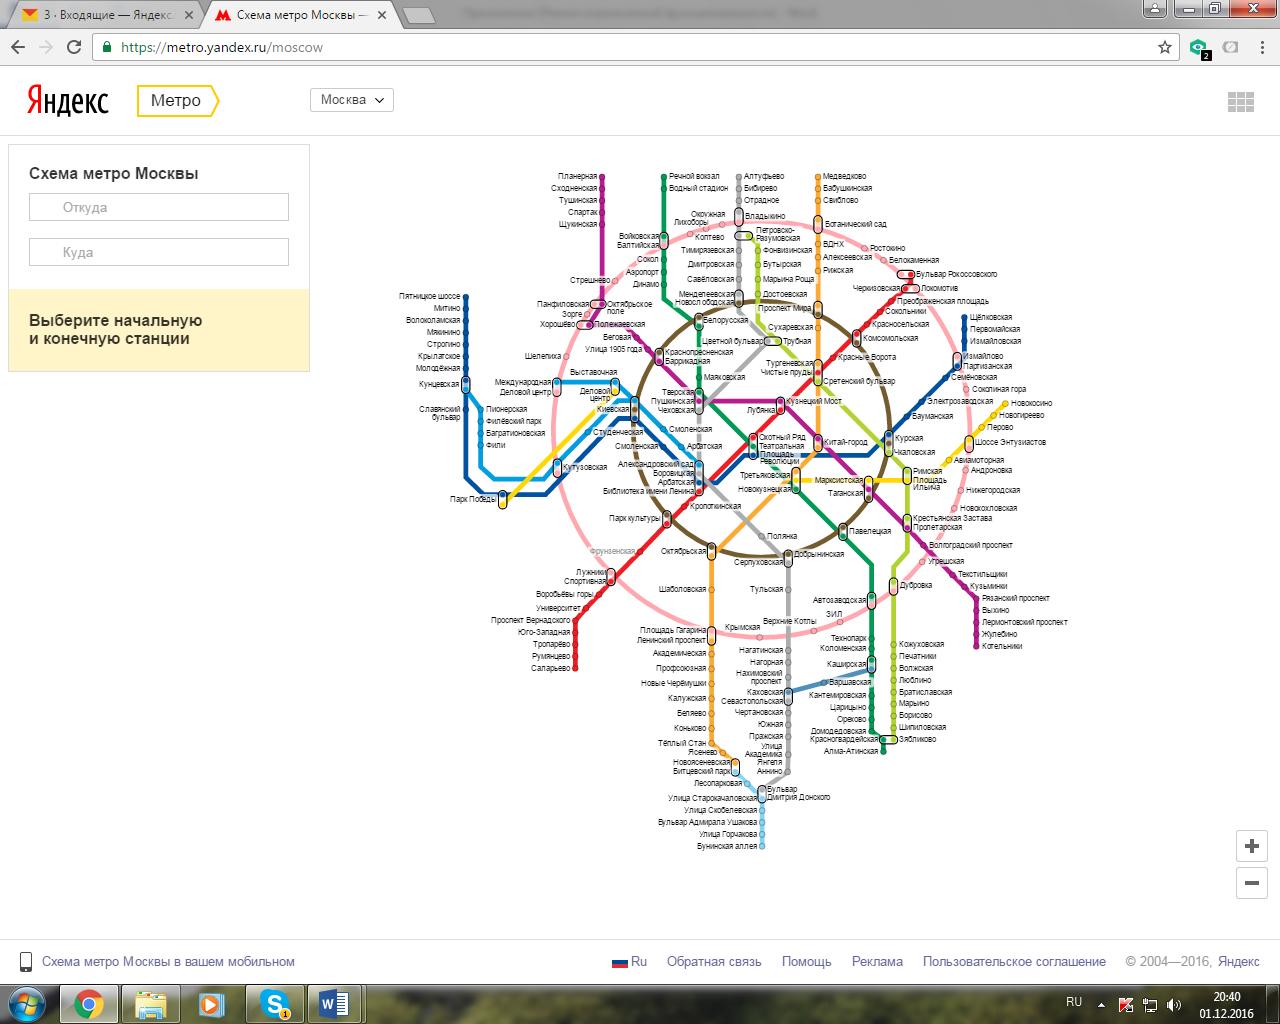 Метро москвы интерактивная схема с новыми станциями 2018